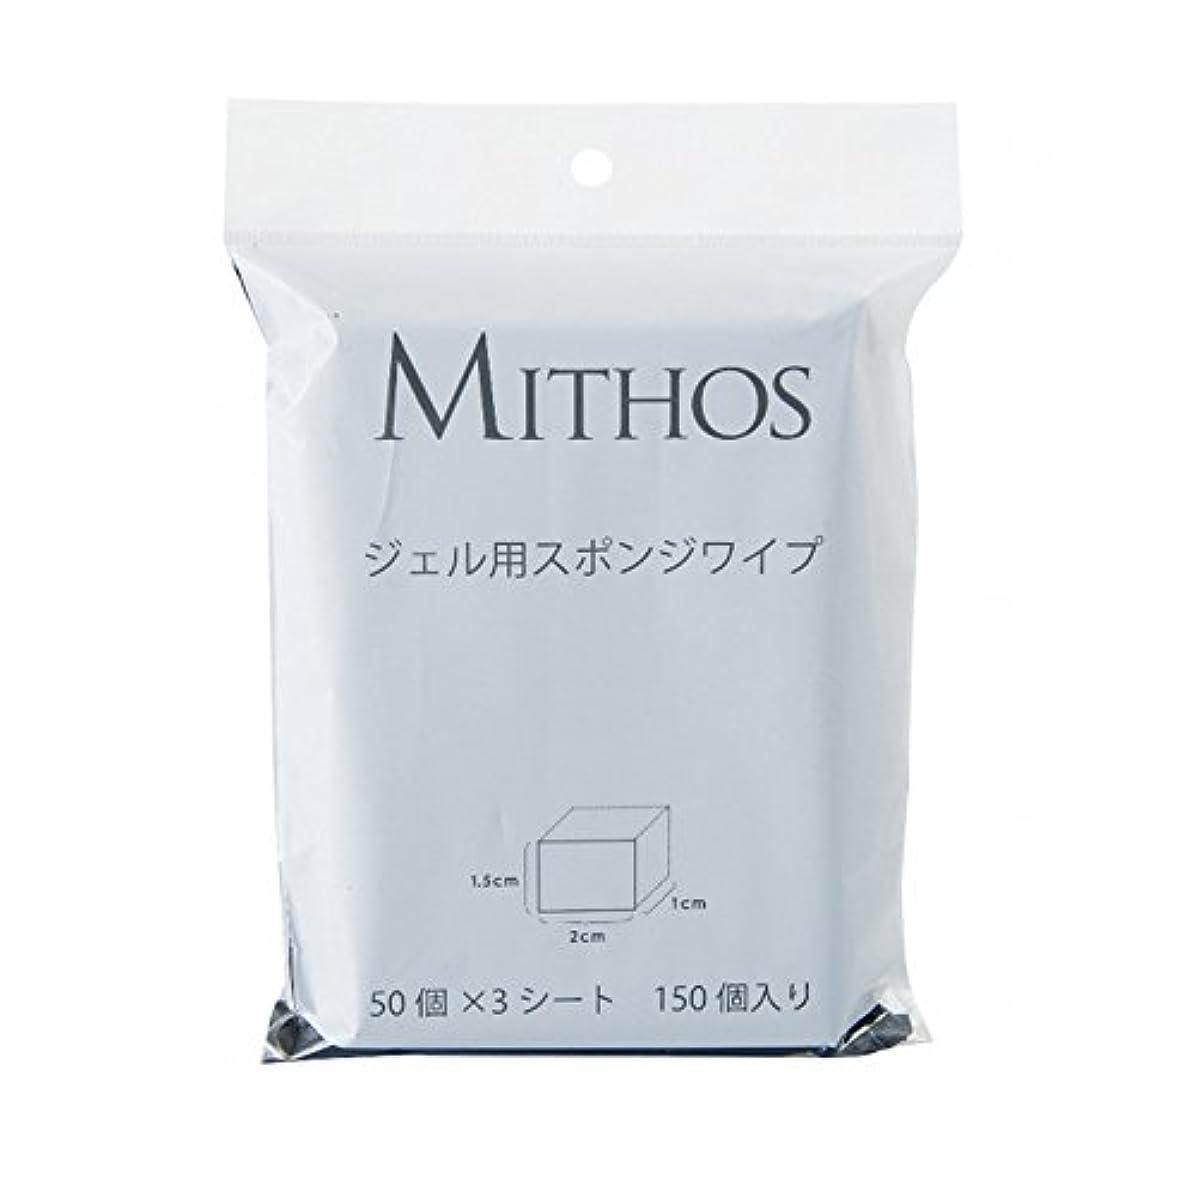 ヤング苦い寸前MITHOS ジェル用スポンジワイプ 150P 1.5×2×1cm 50個×3シート